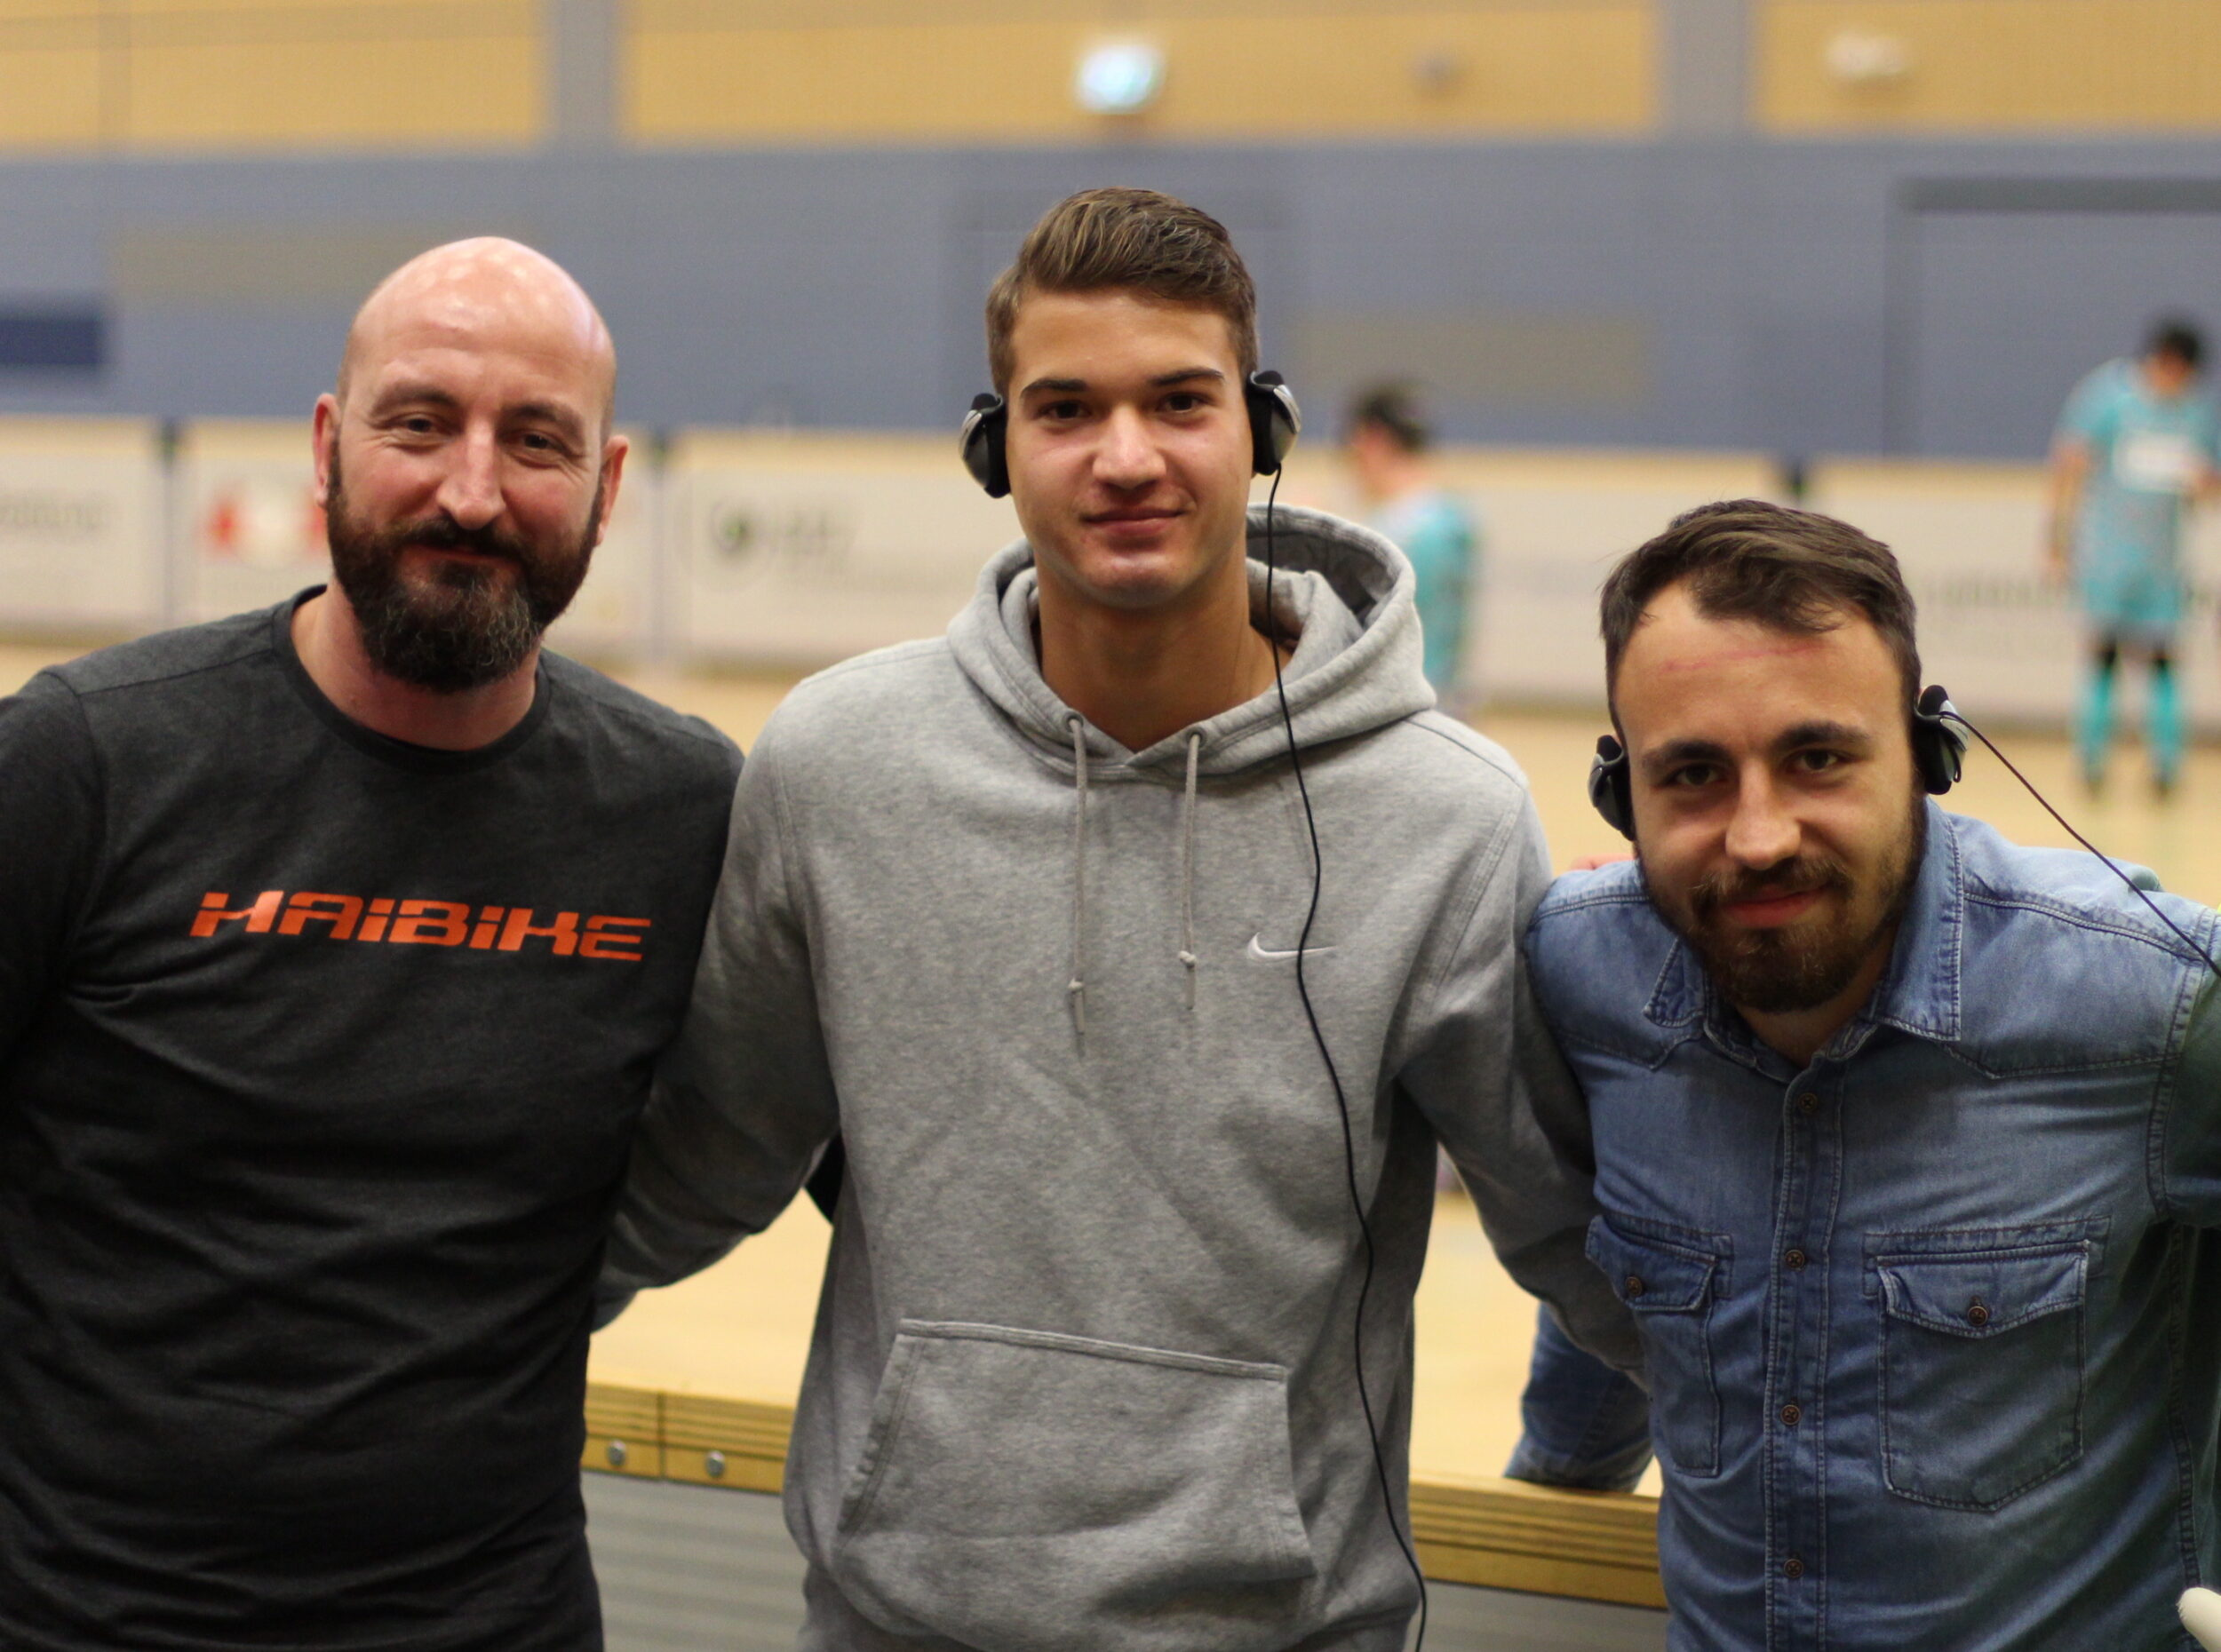 Michael Falb, Blindenfußballtrainer aus Chemnitz sowie die beiden Spieler von Lok Leipzig Robert Berger und Marcel Wagner grinsen in die Kamera. Wagner und Berger haben Kopfhörer auf, mit denen sie die Audiodeskription bei dieser Veranstaltung empfangen, Foto: HörMal Audiodeskription.